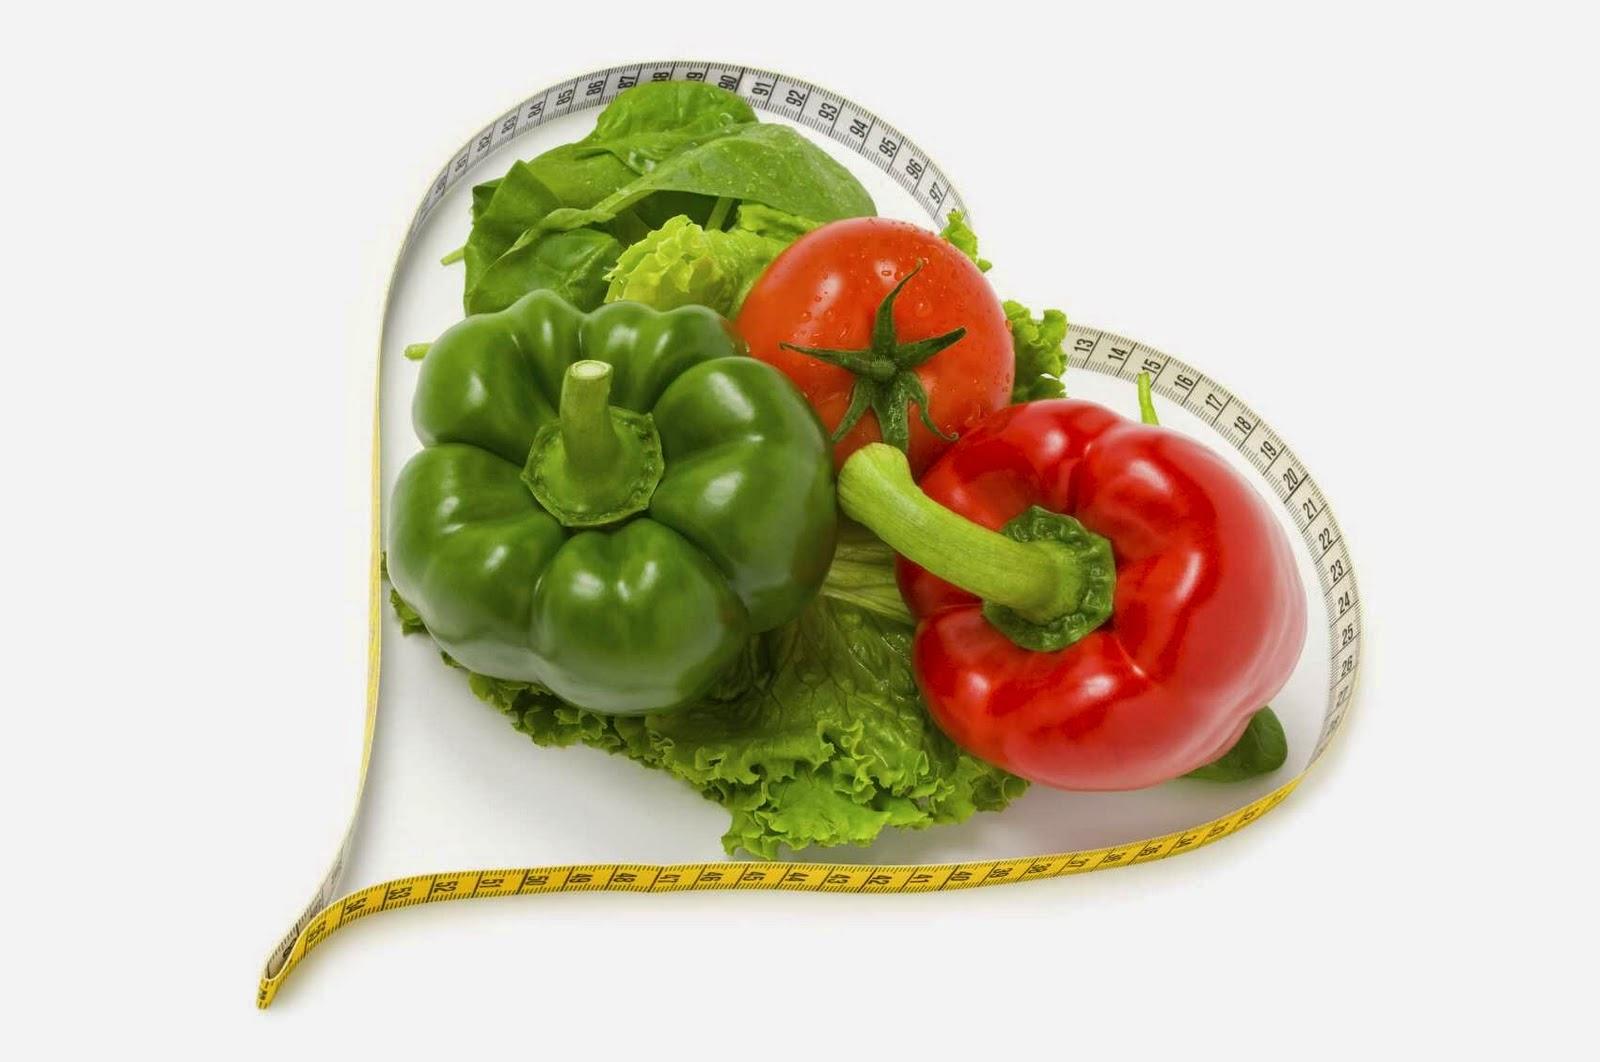 السعرات الحرارية التي يحتاجها جسمك يوميا